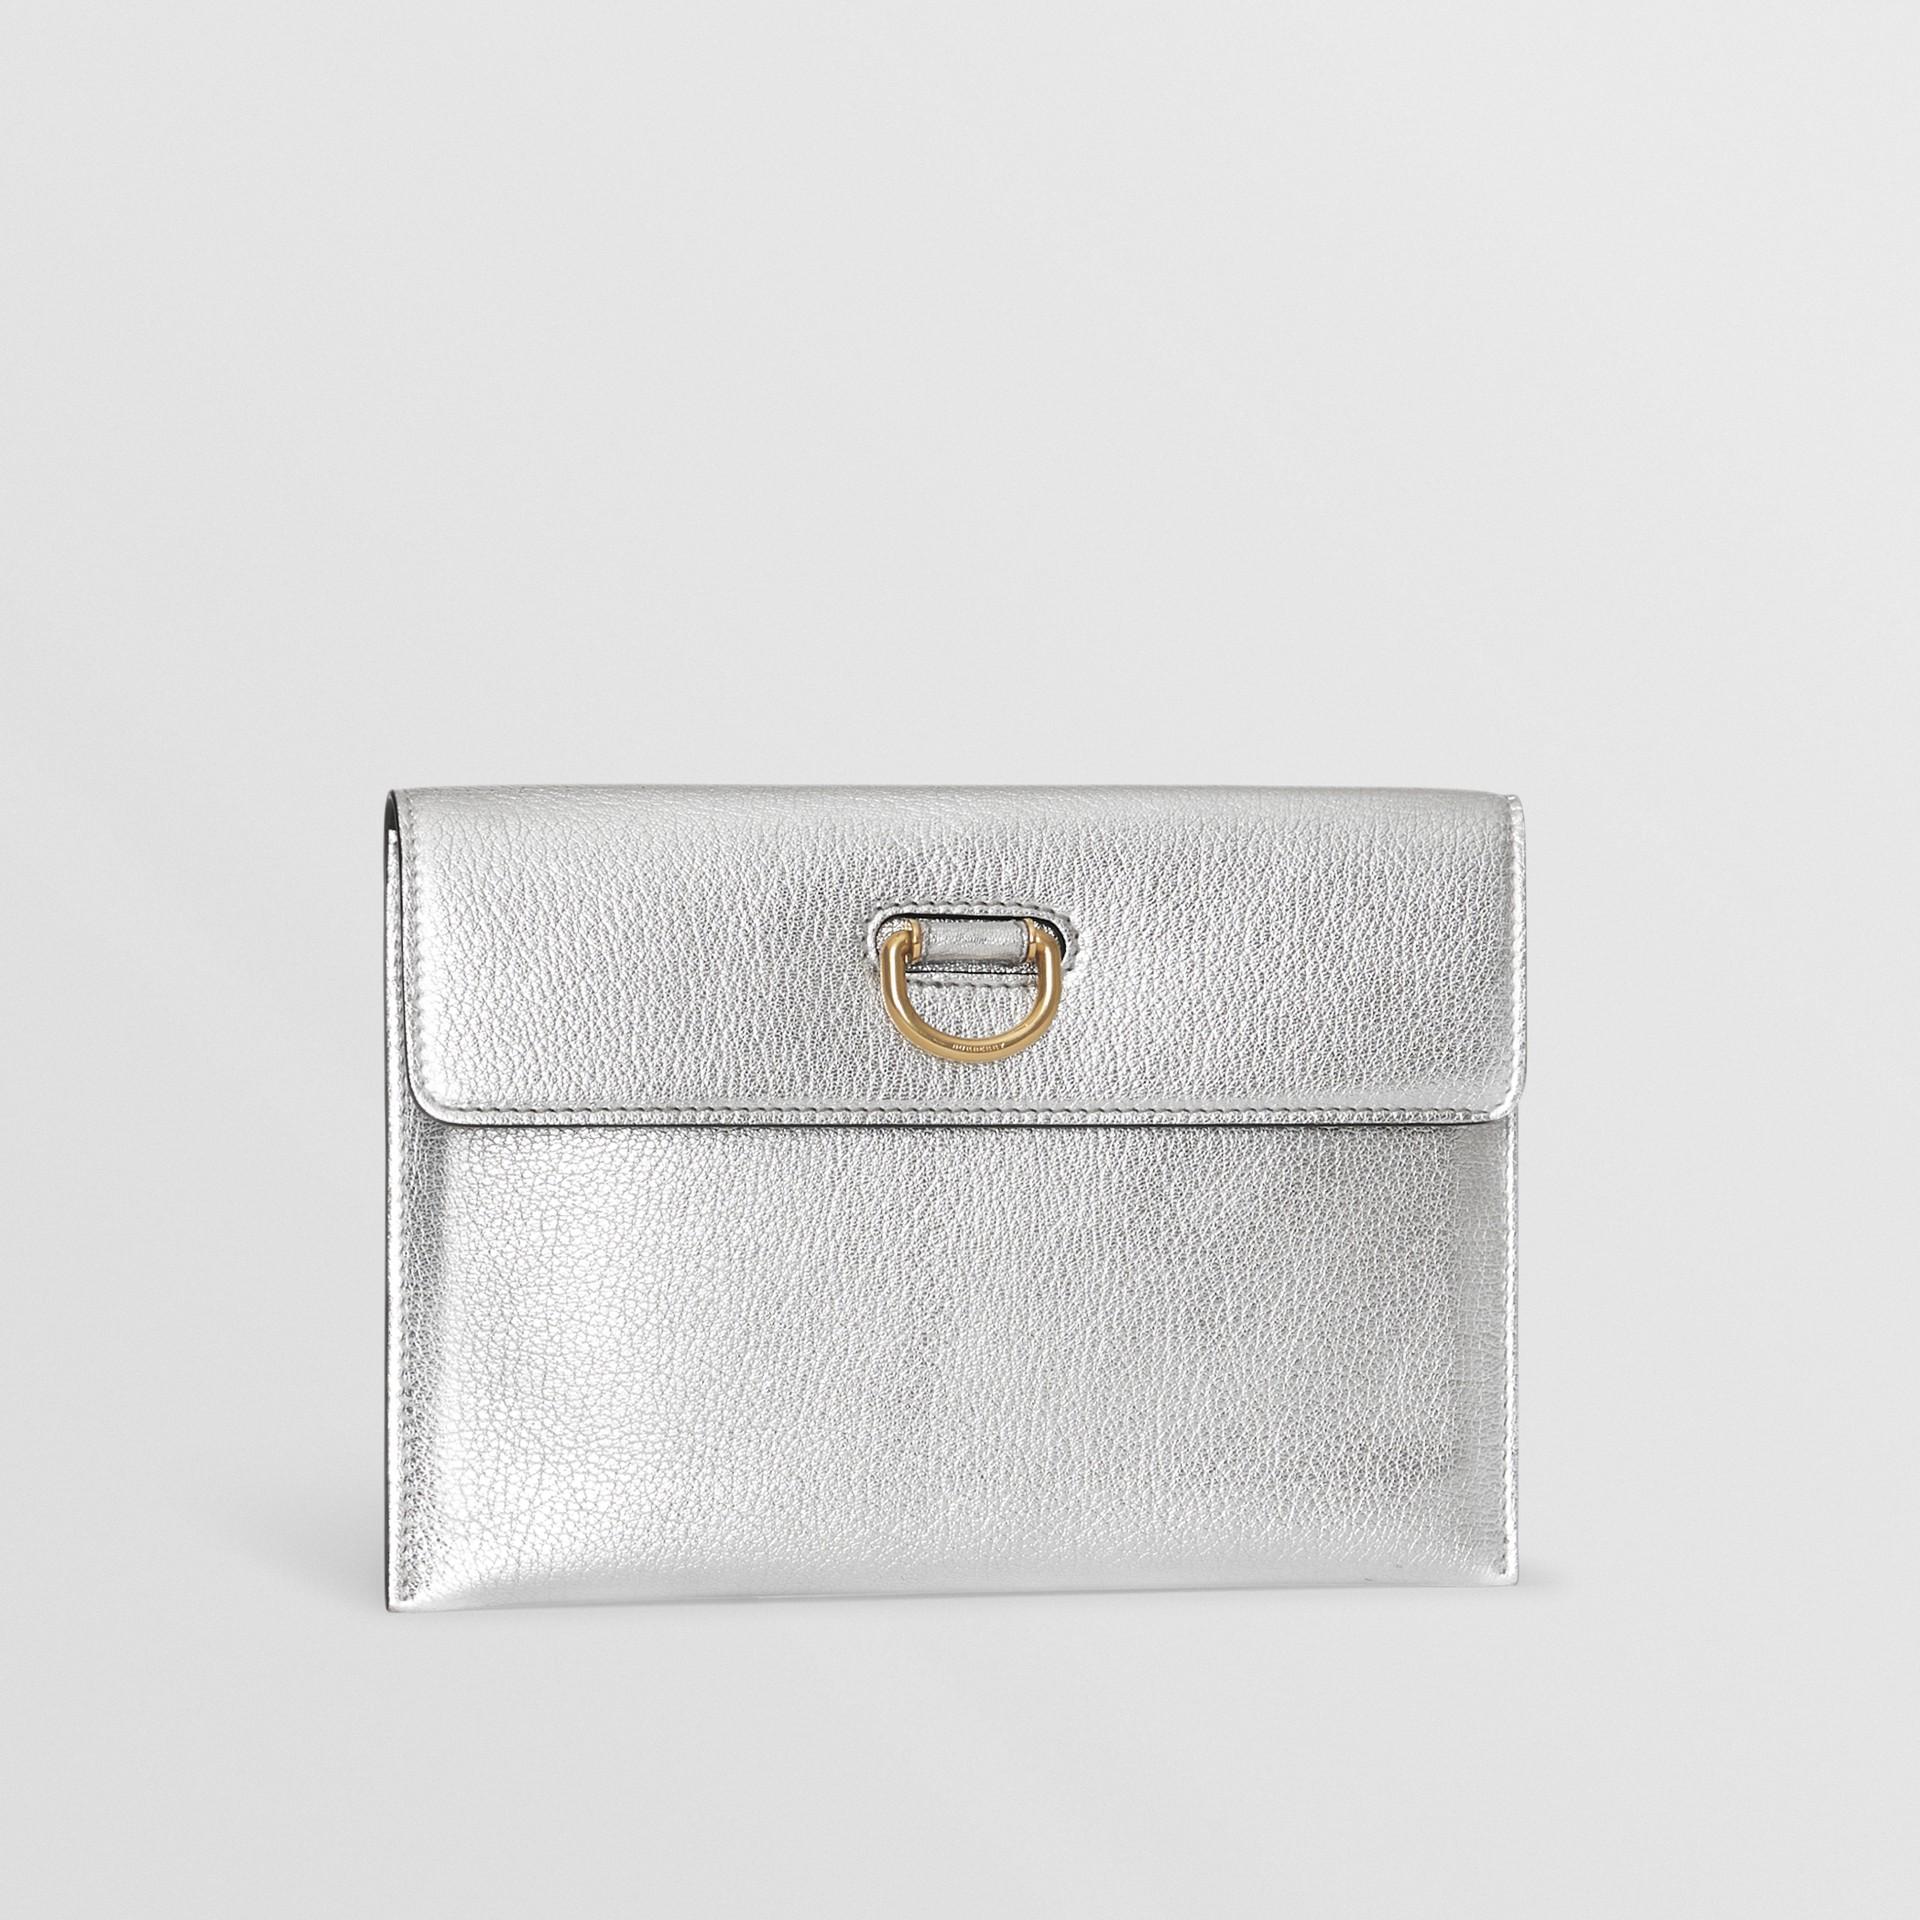 Trousse con portamonete in pelle metallizzata con cerniera e anello a D (Argento) - Donna | Burberry - immagine della galleria 7